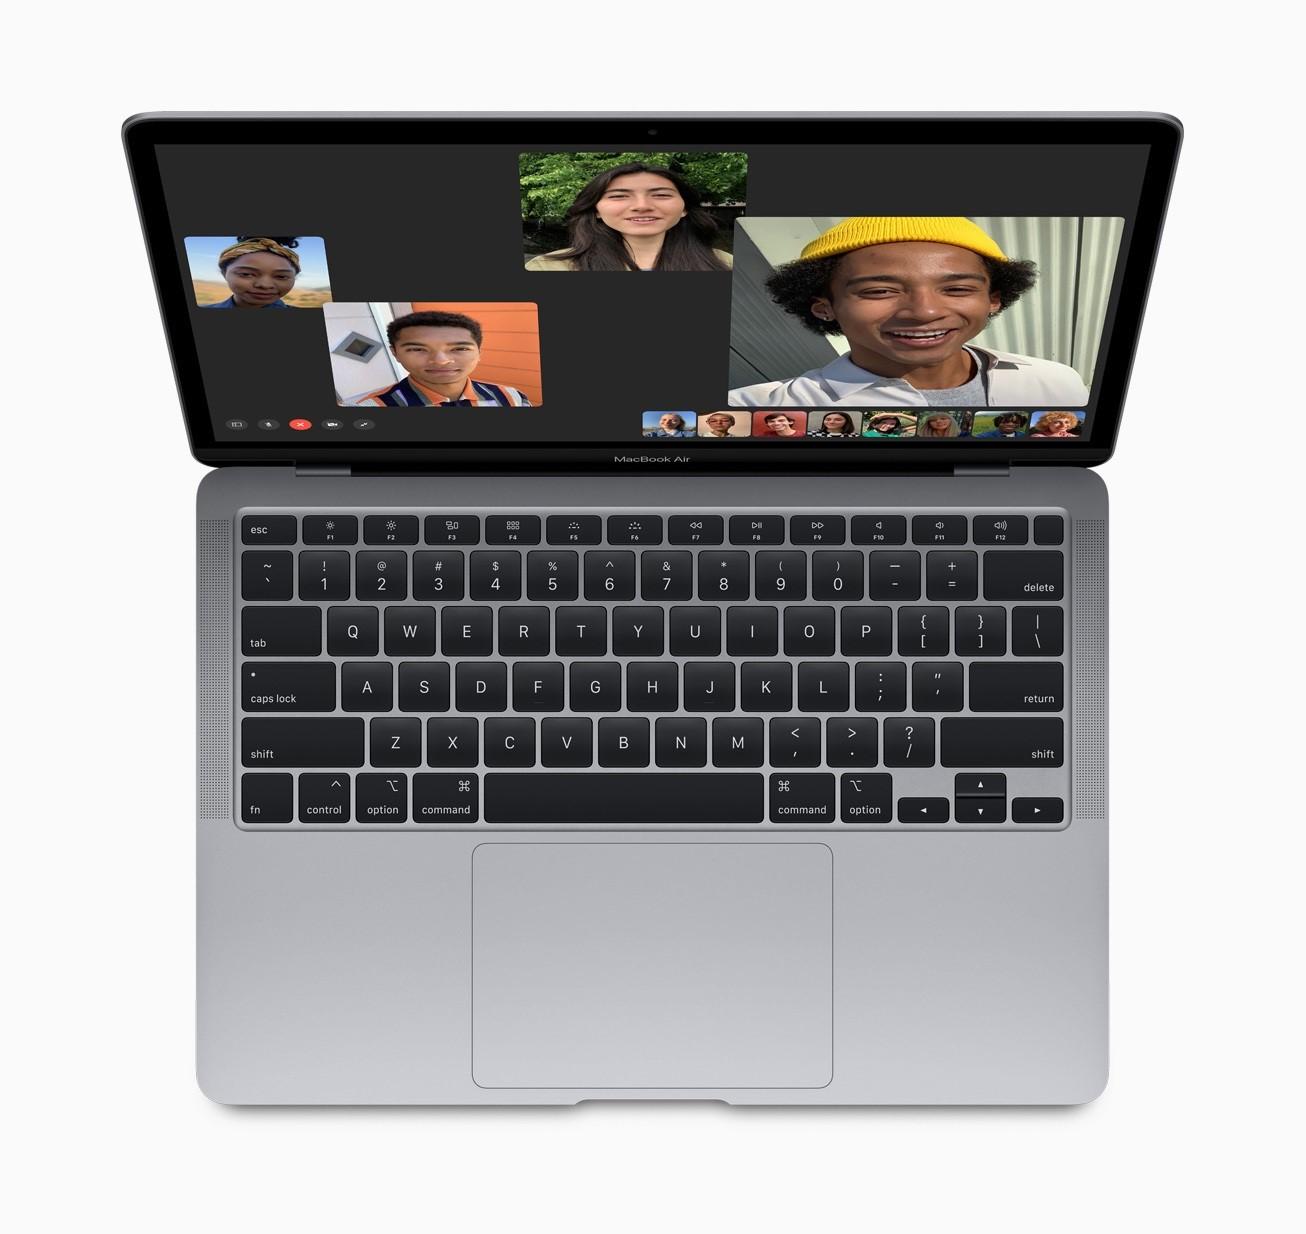 18032020-macbookair2020.jpg